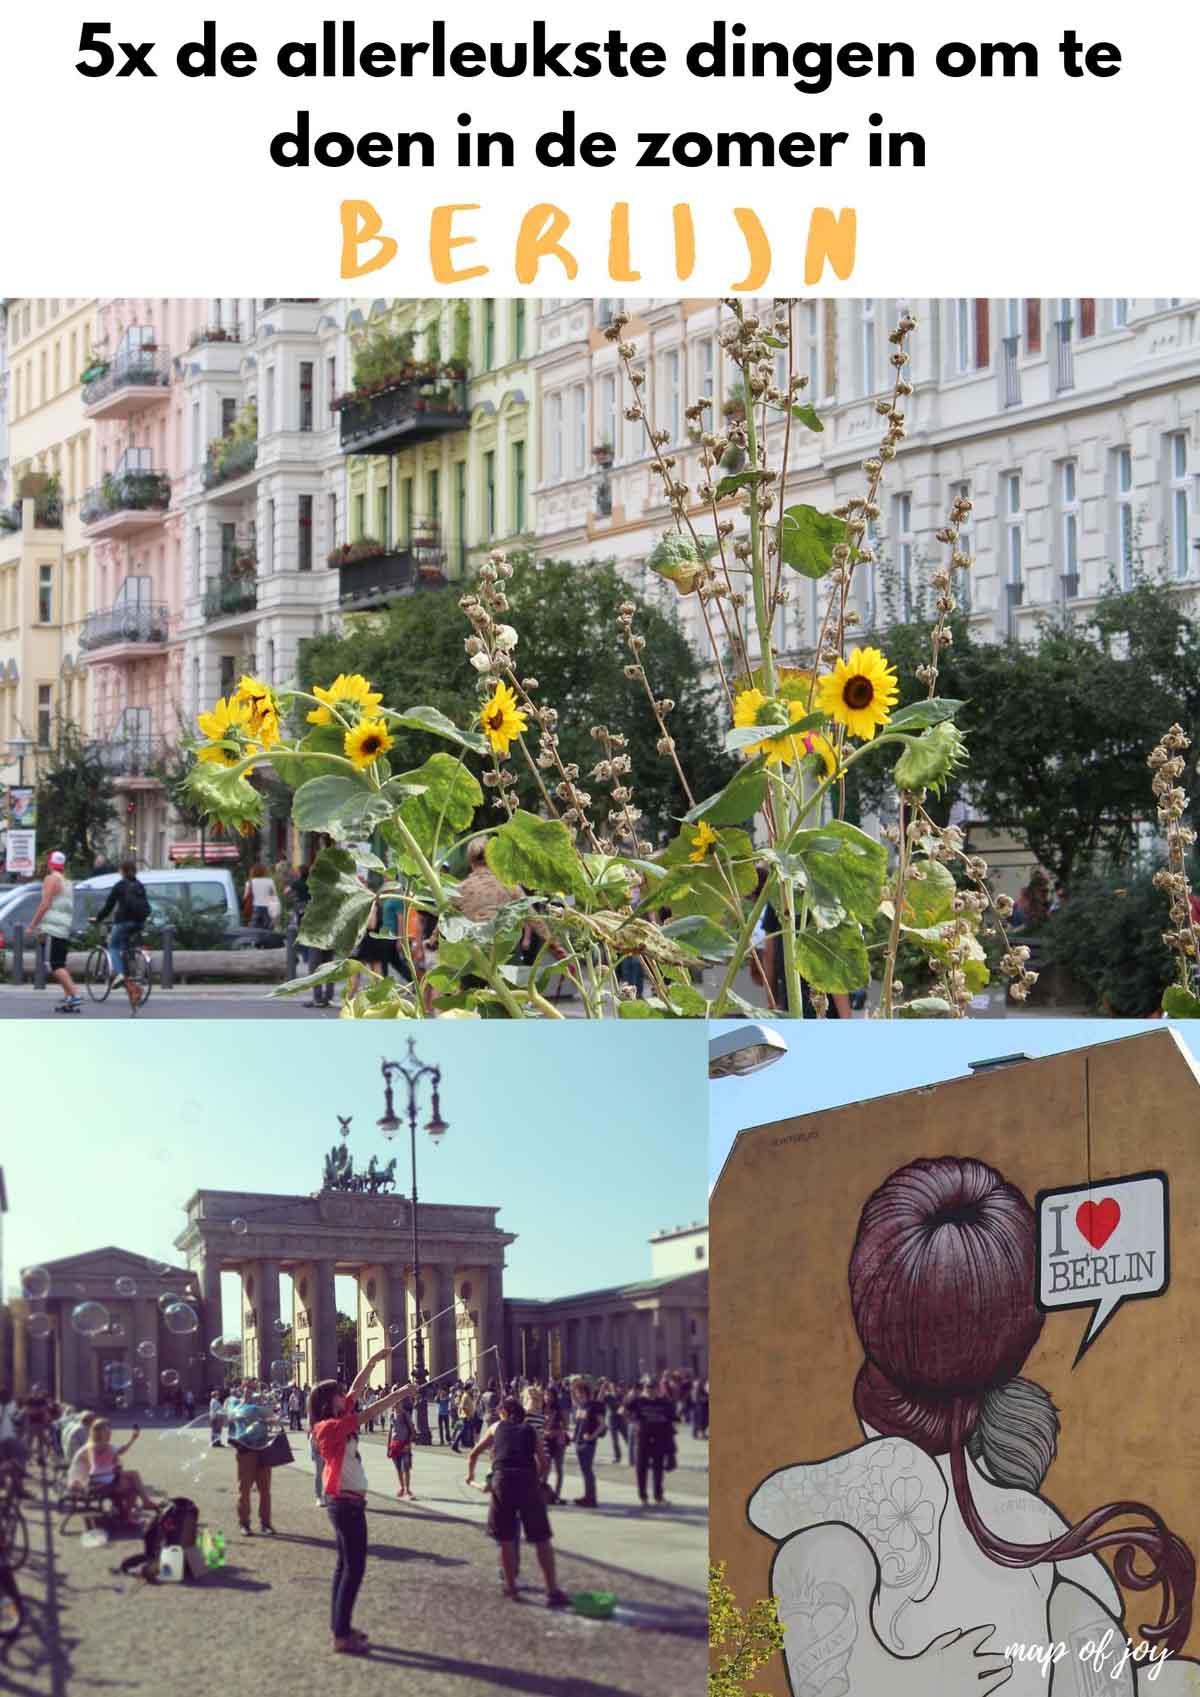 5x de allerleukste dingen om te doen in zomers Berlijn - Map of Joy